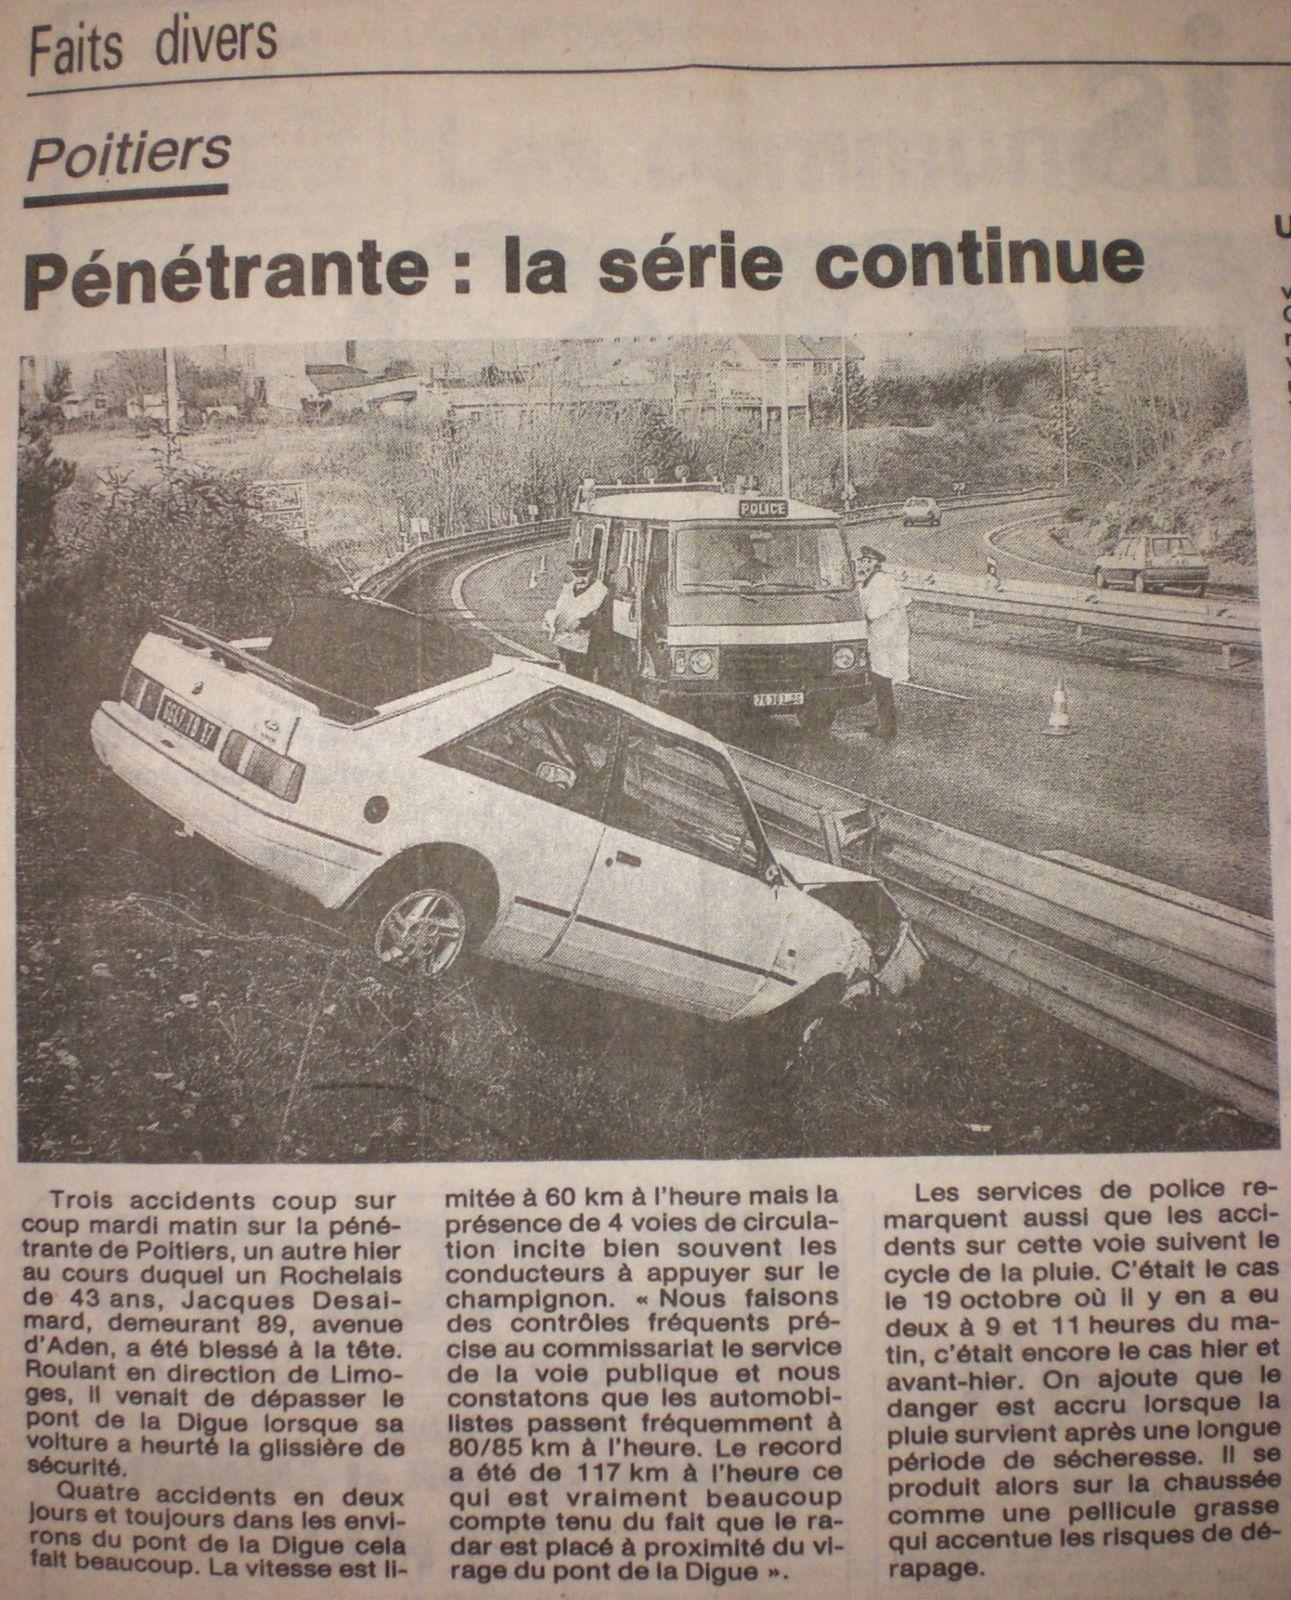 Accident-curieux-Penetrante.JPG